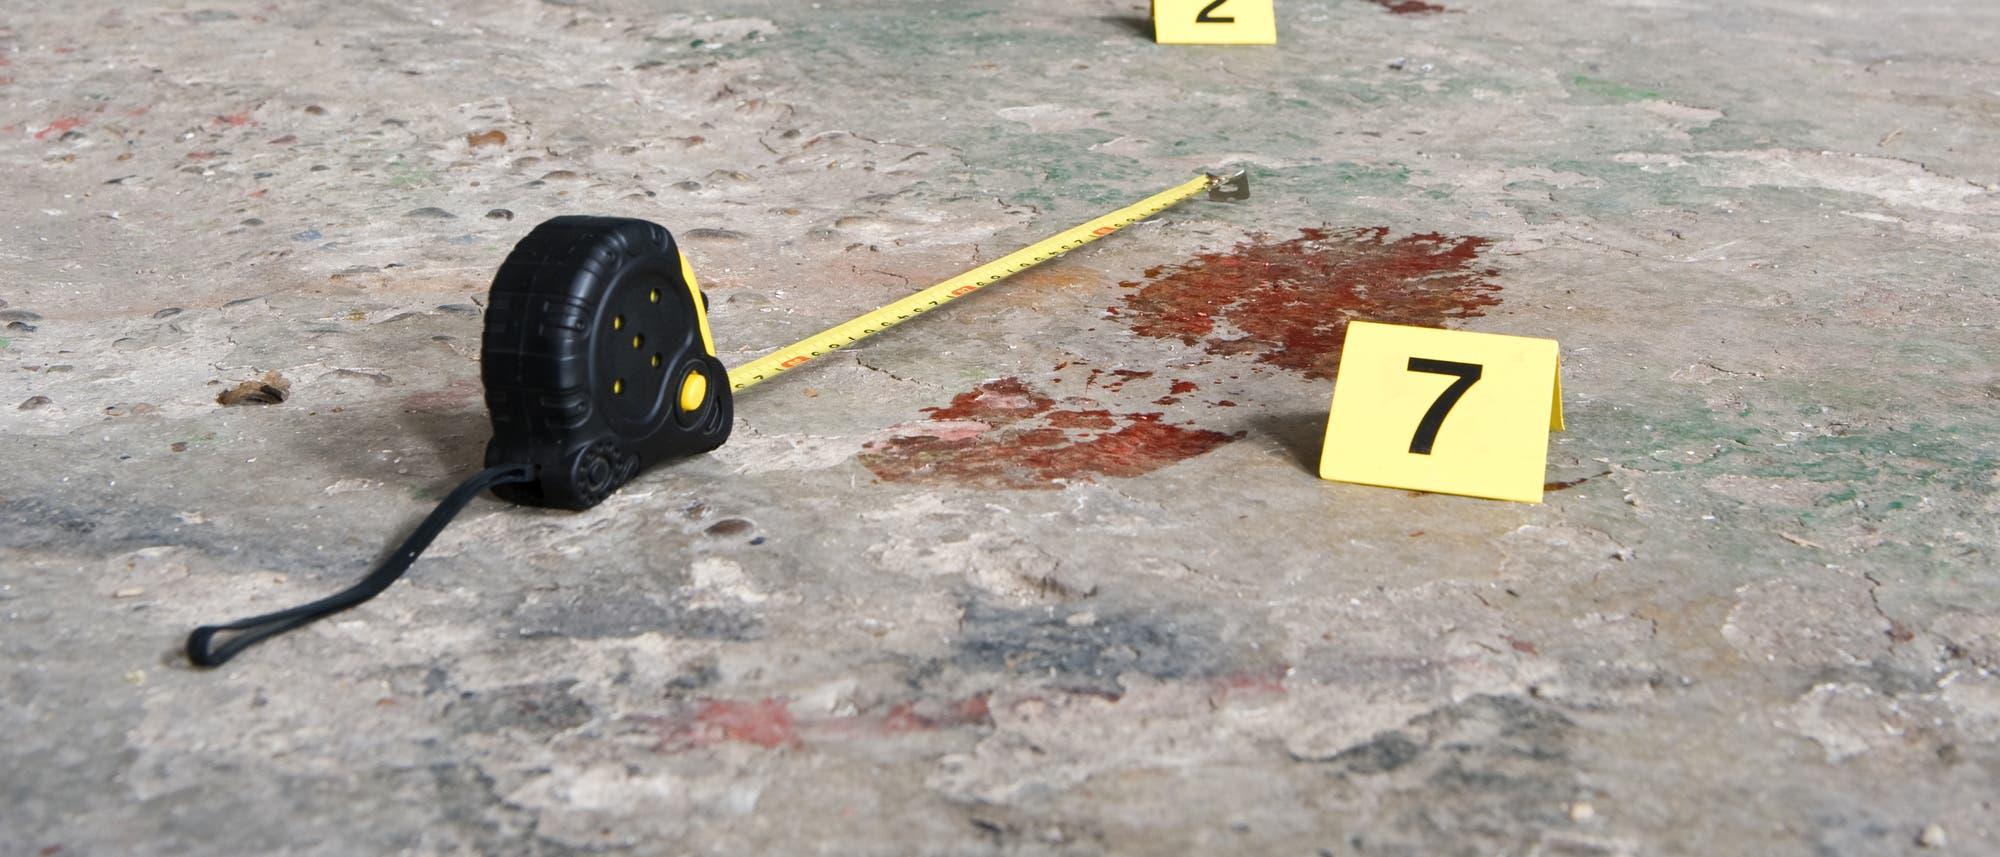 Ein blutiger Schuhabdruck am Ort eines Verbrechens